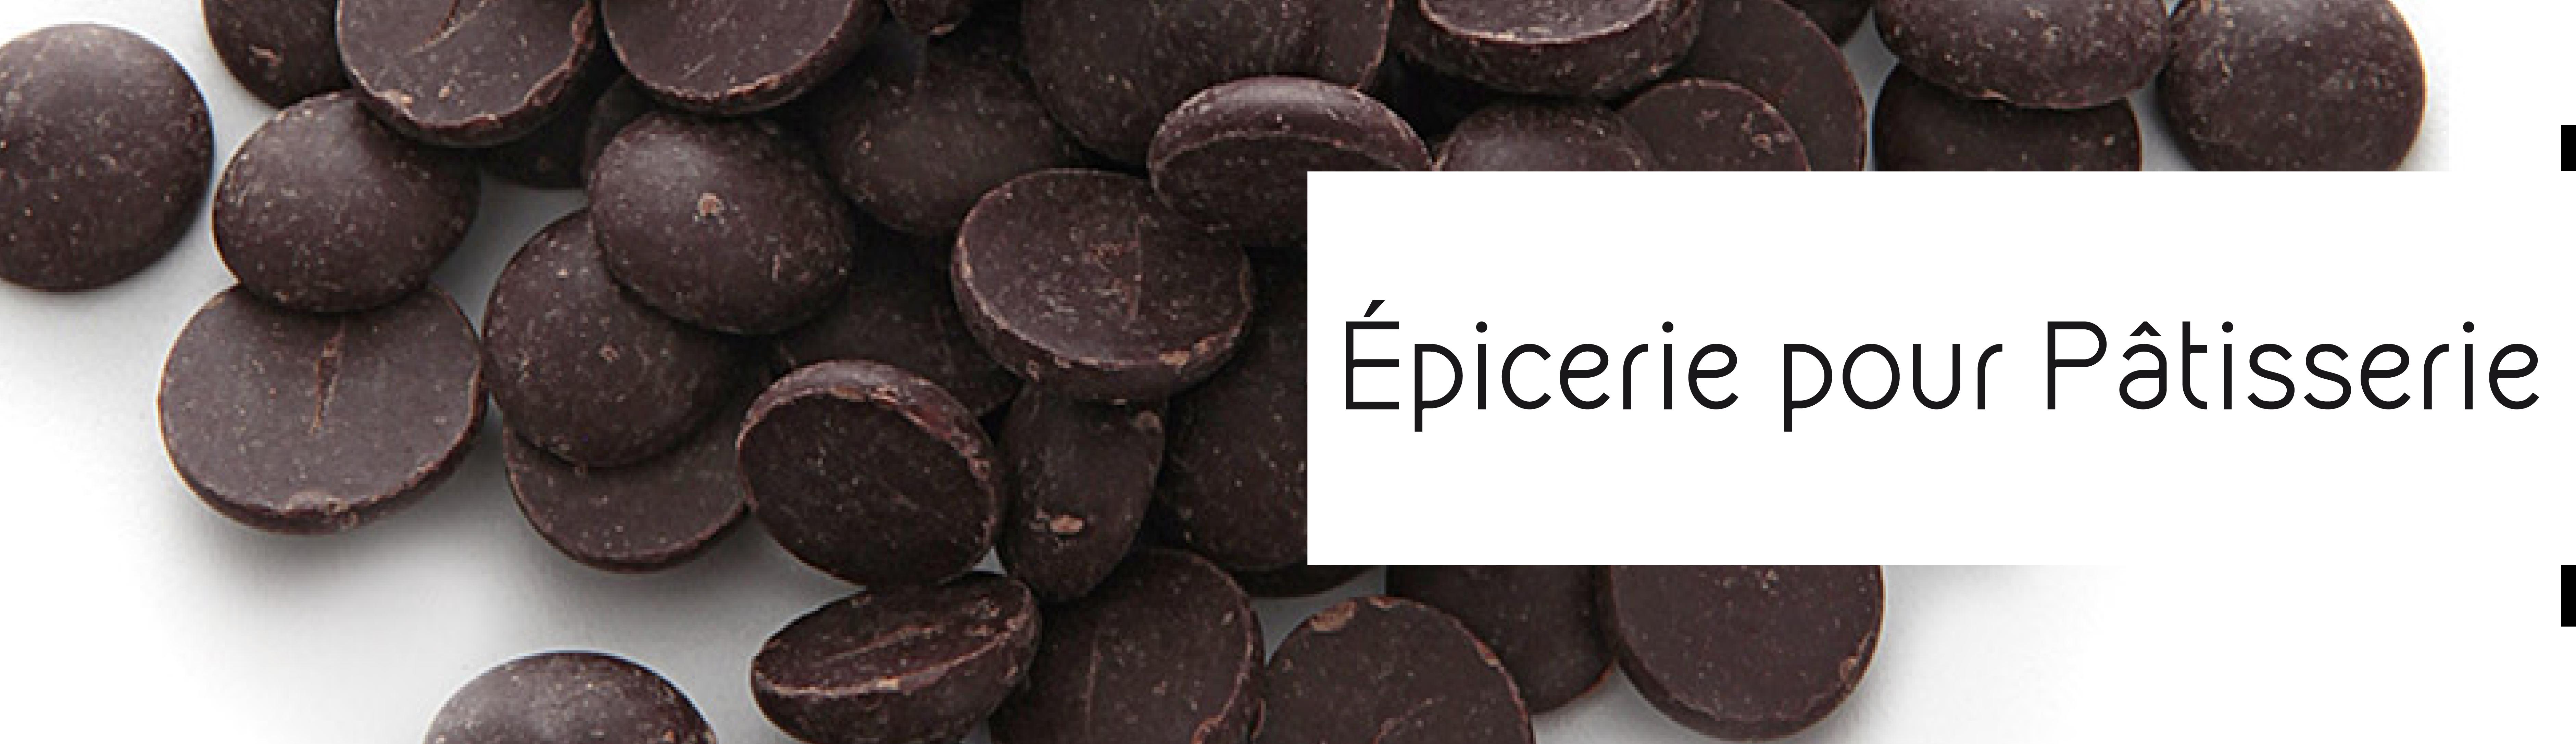 Épicerie pour Pâtisserie -Click and Collect